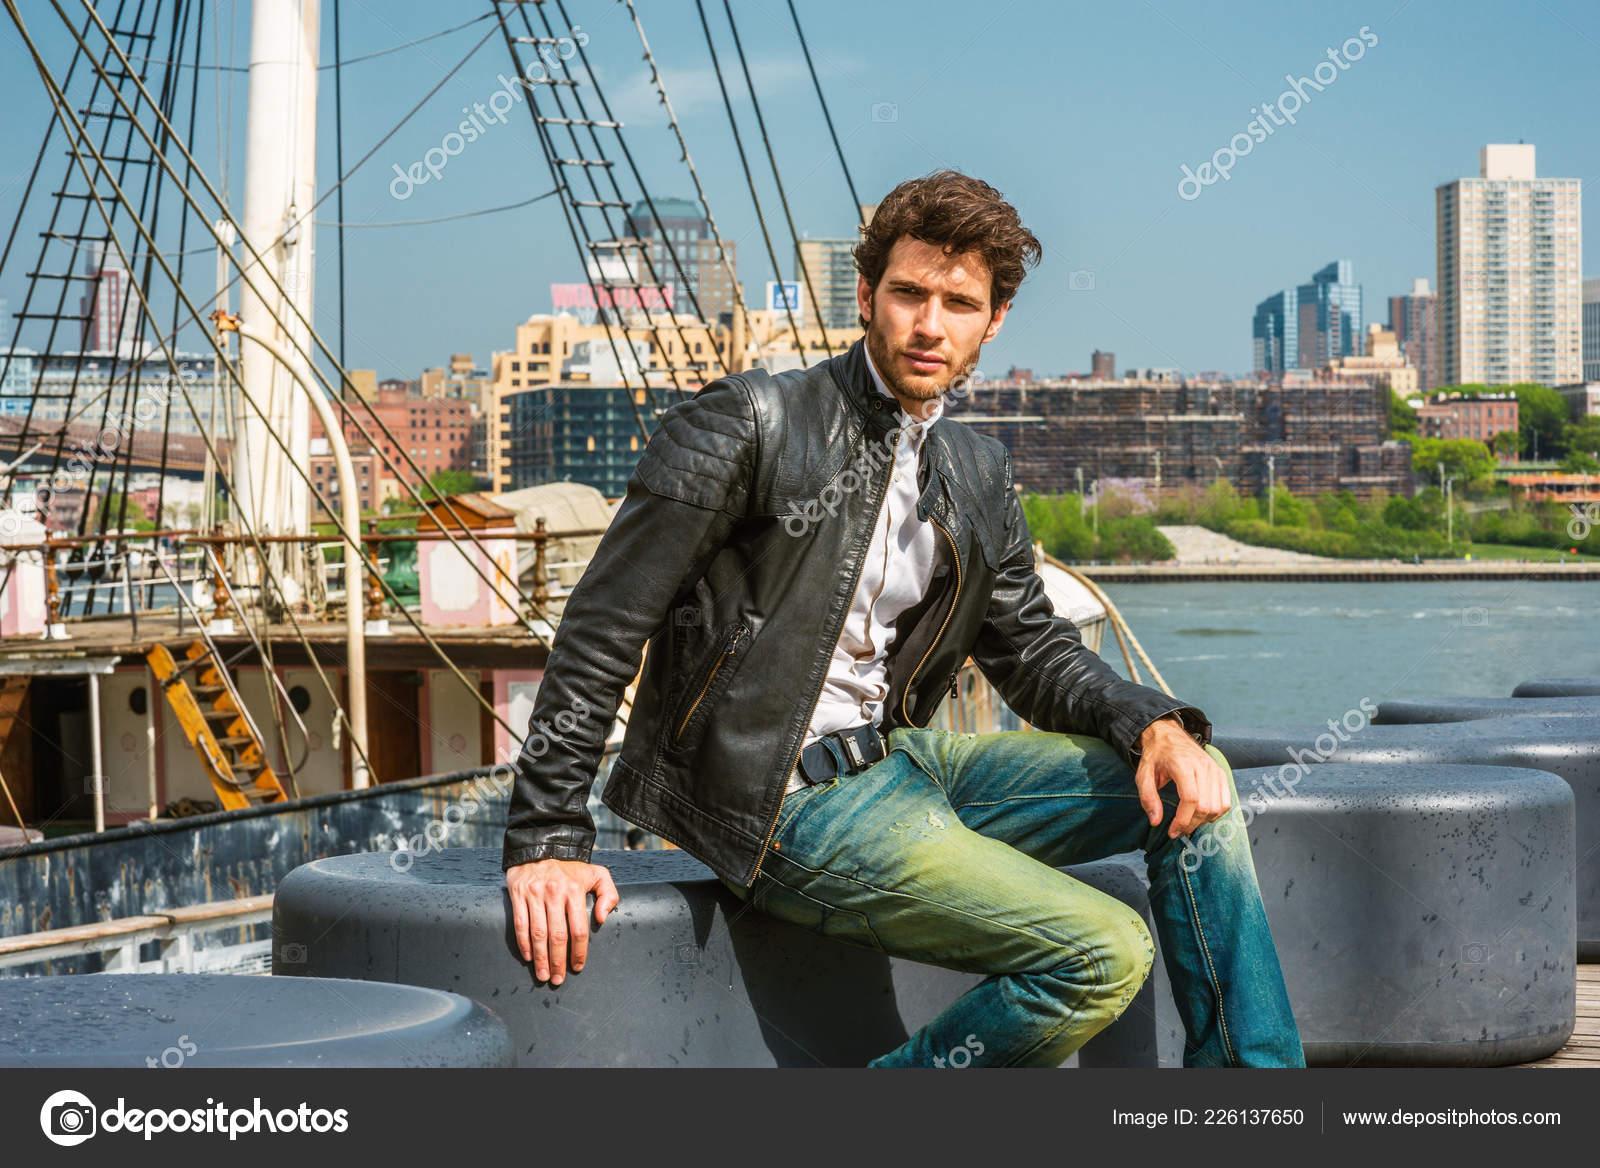 European Businessman Traveling New York Wearing Black